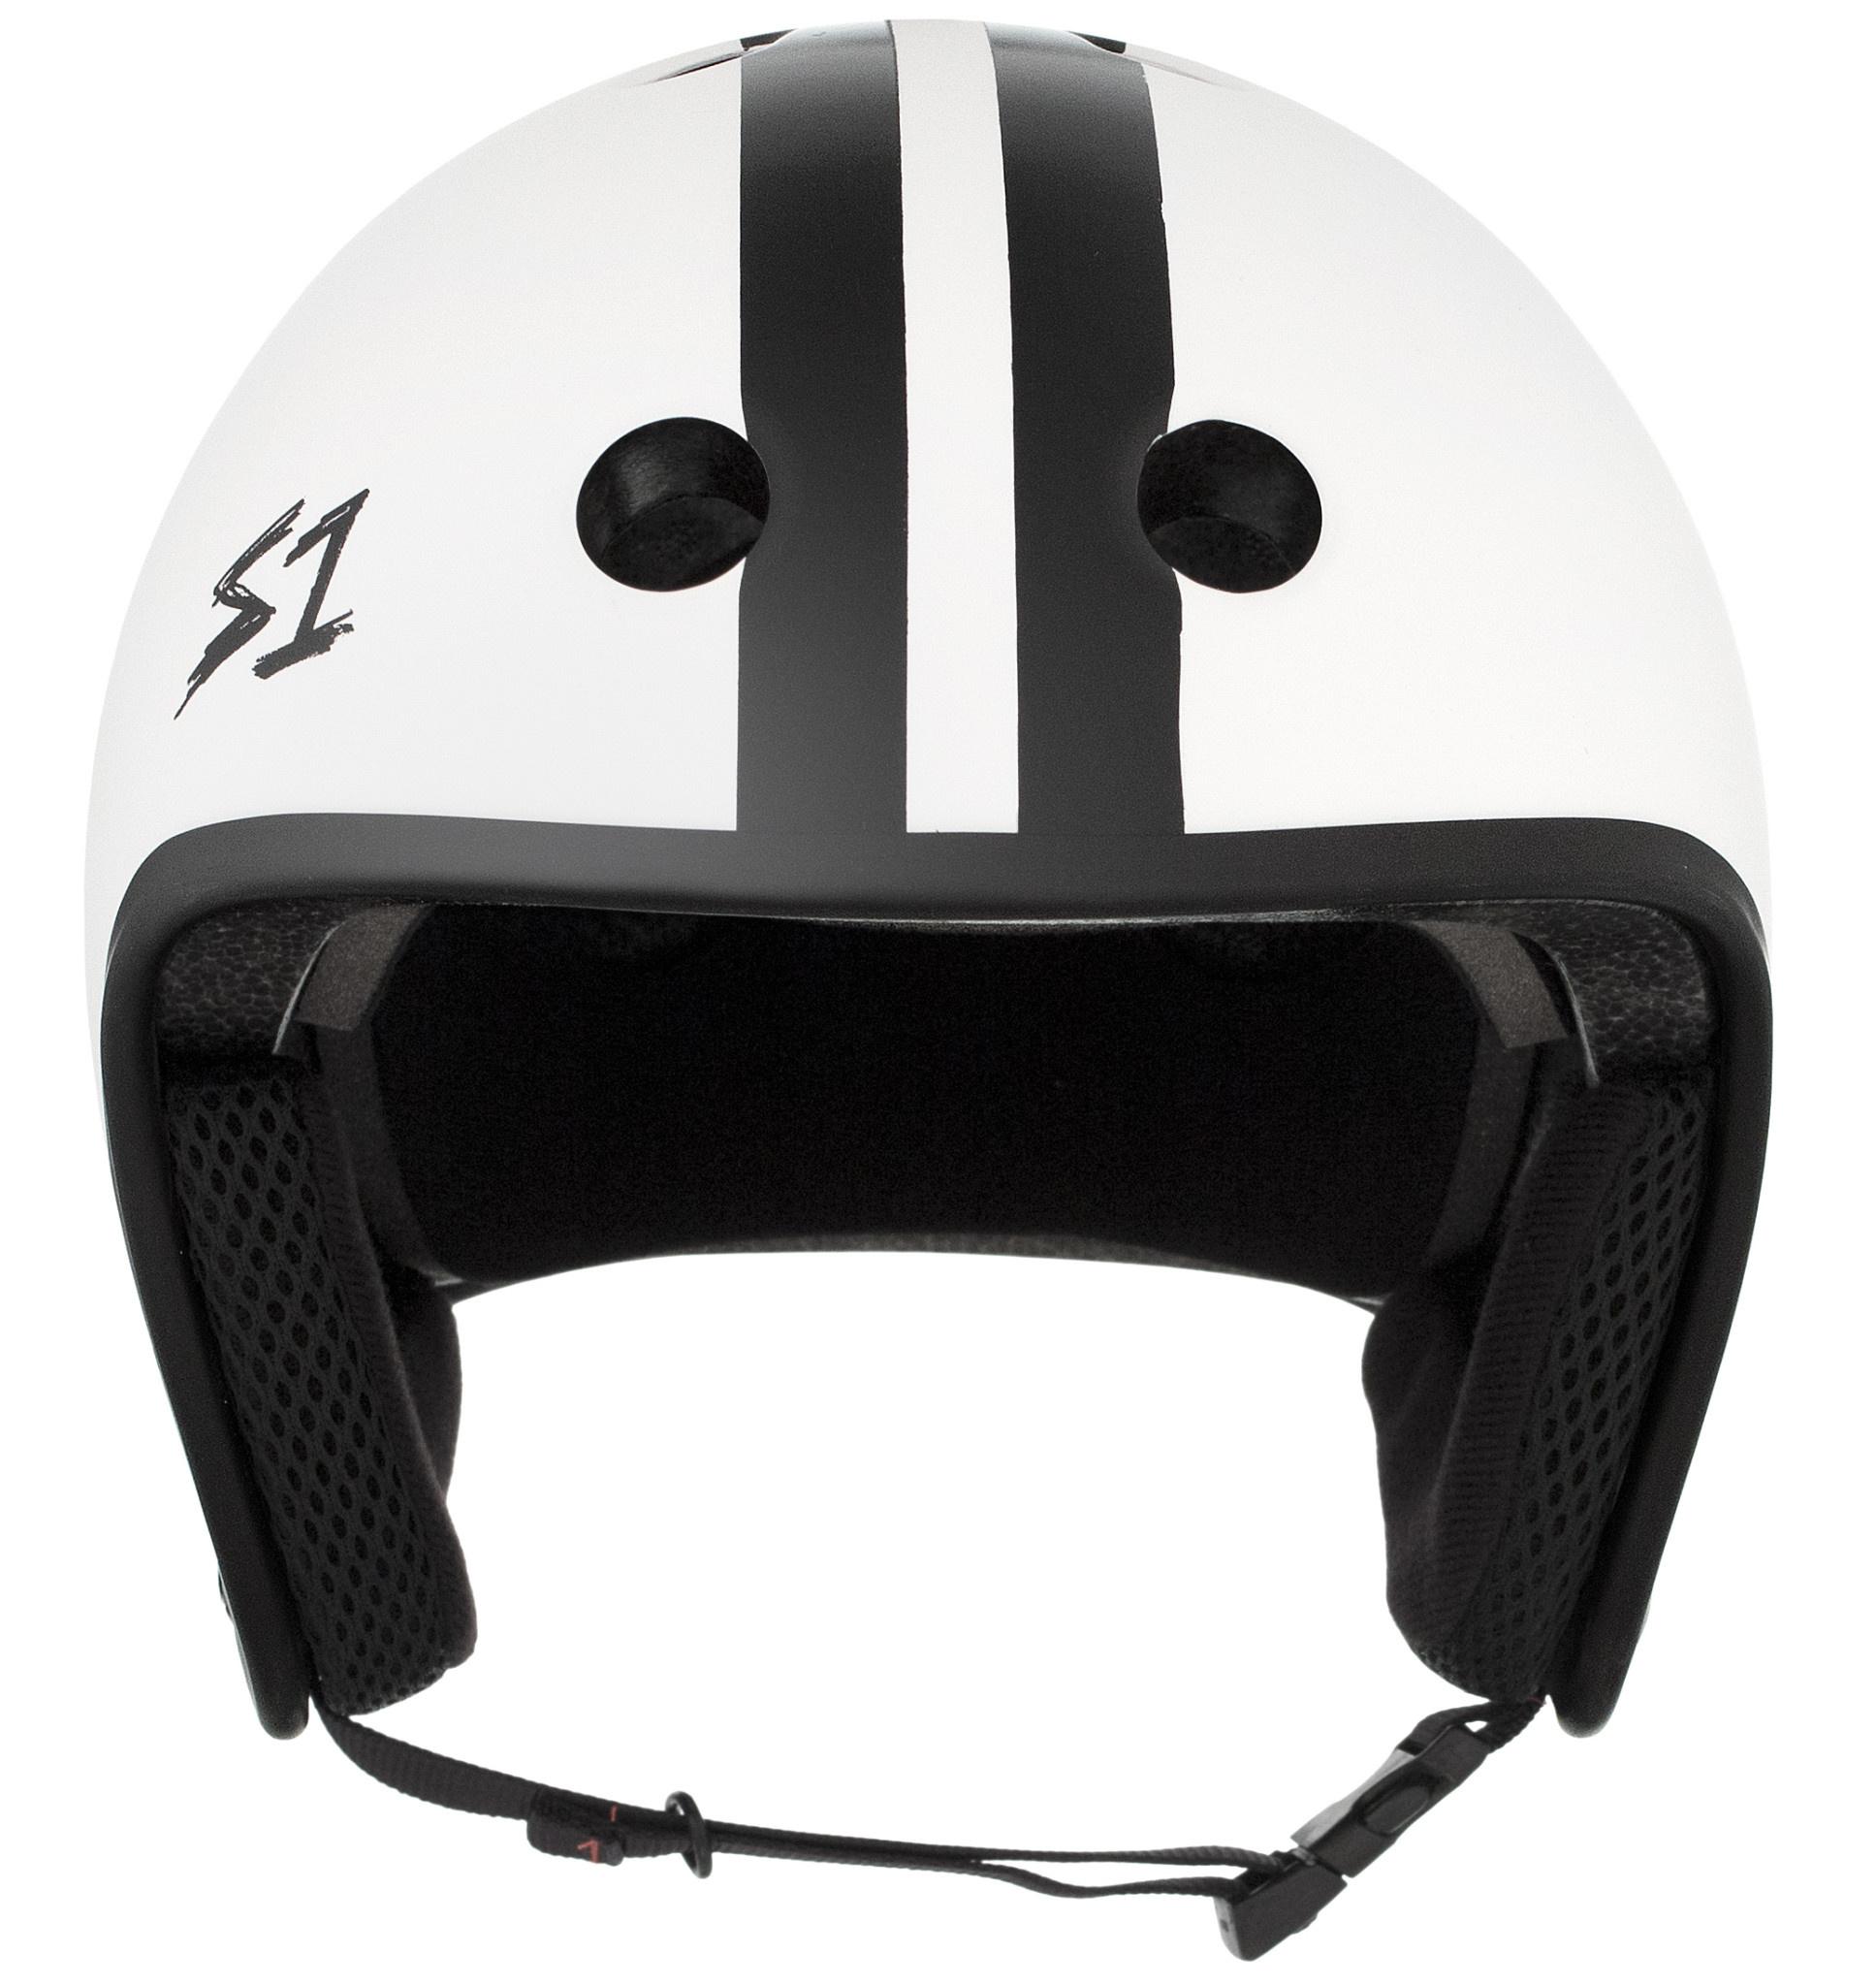 S-1 Retro Lifer Helmet - White Matte w/ Black Stripes